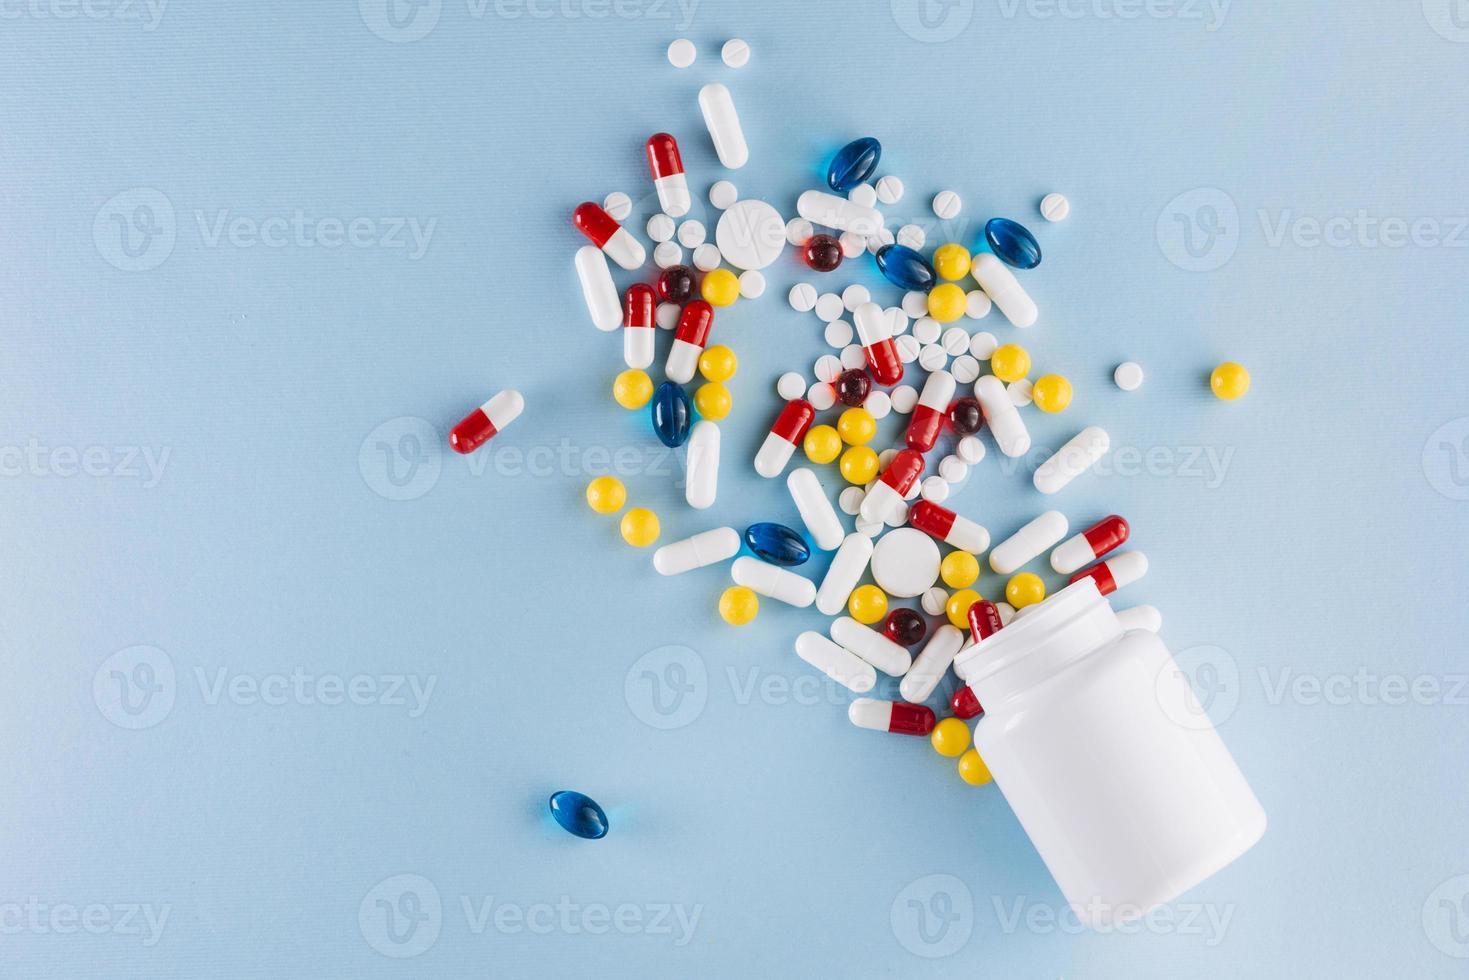 färgglada piller faller från plastflaskan på blå bakgrund foto